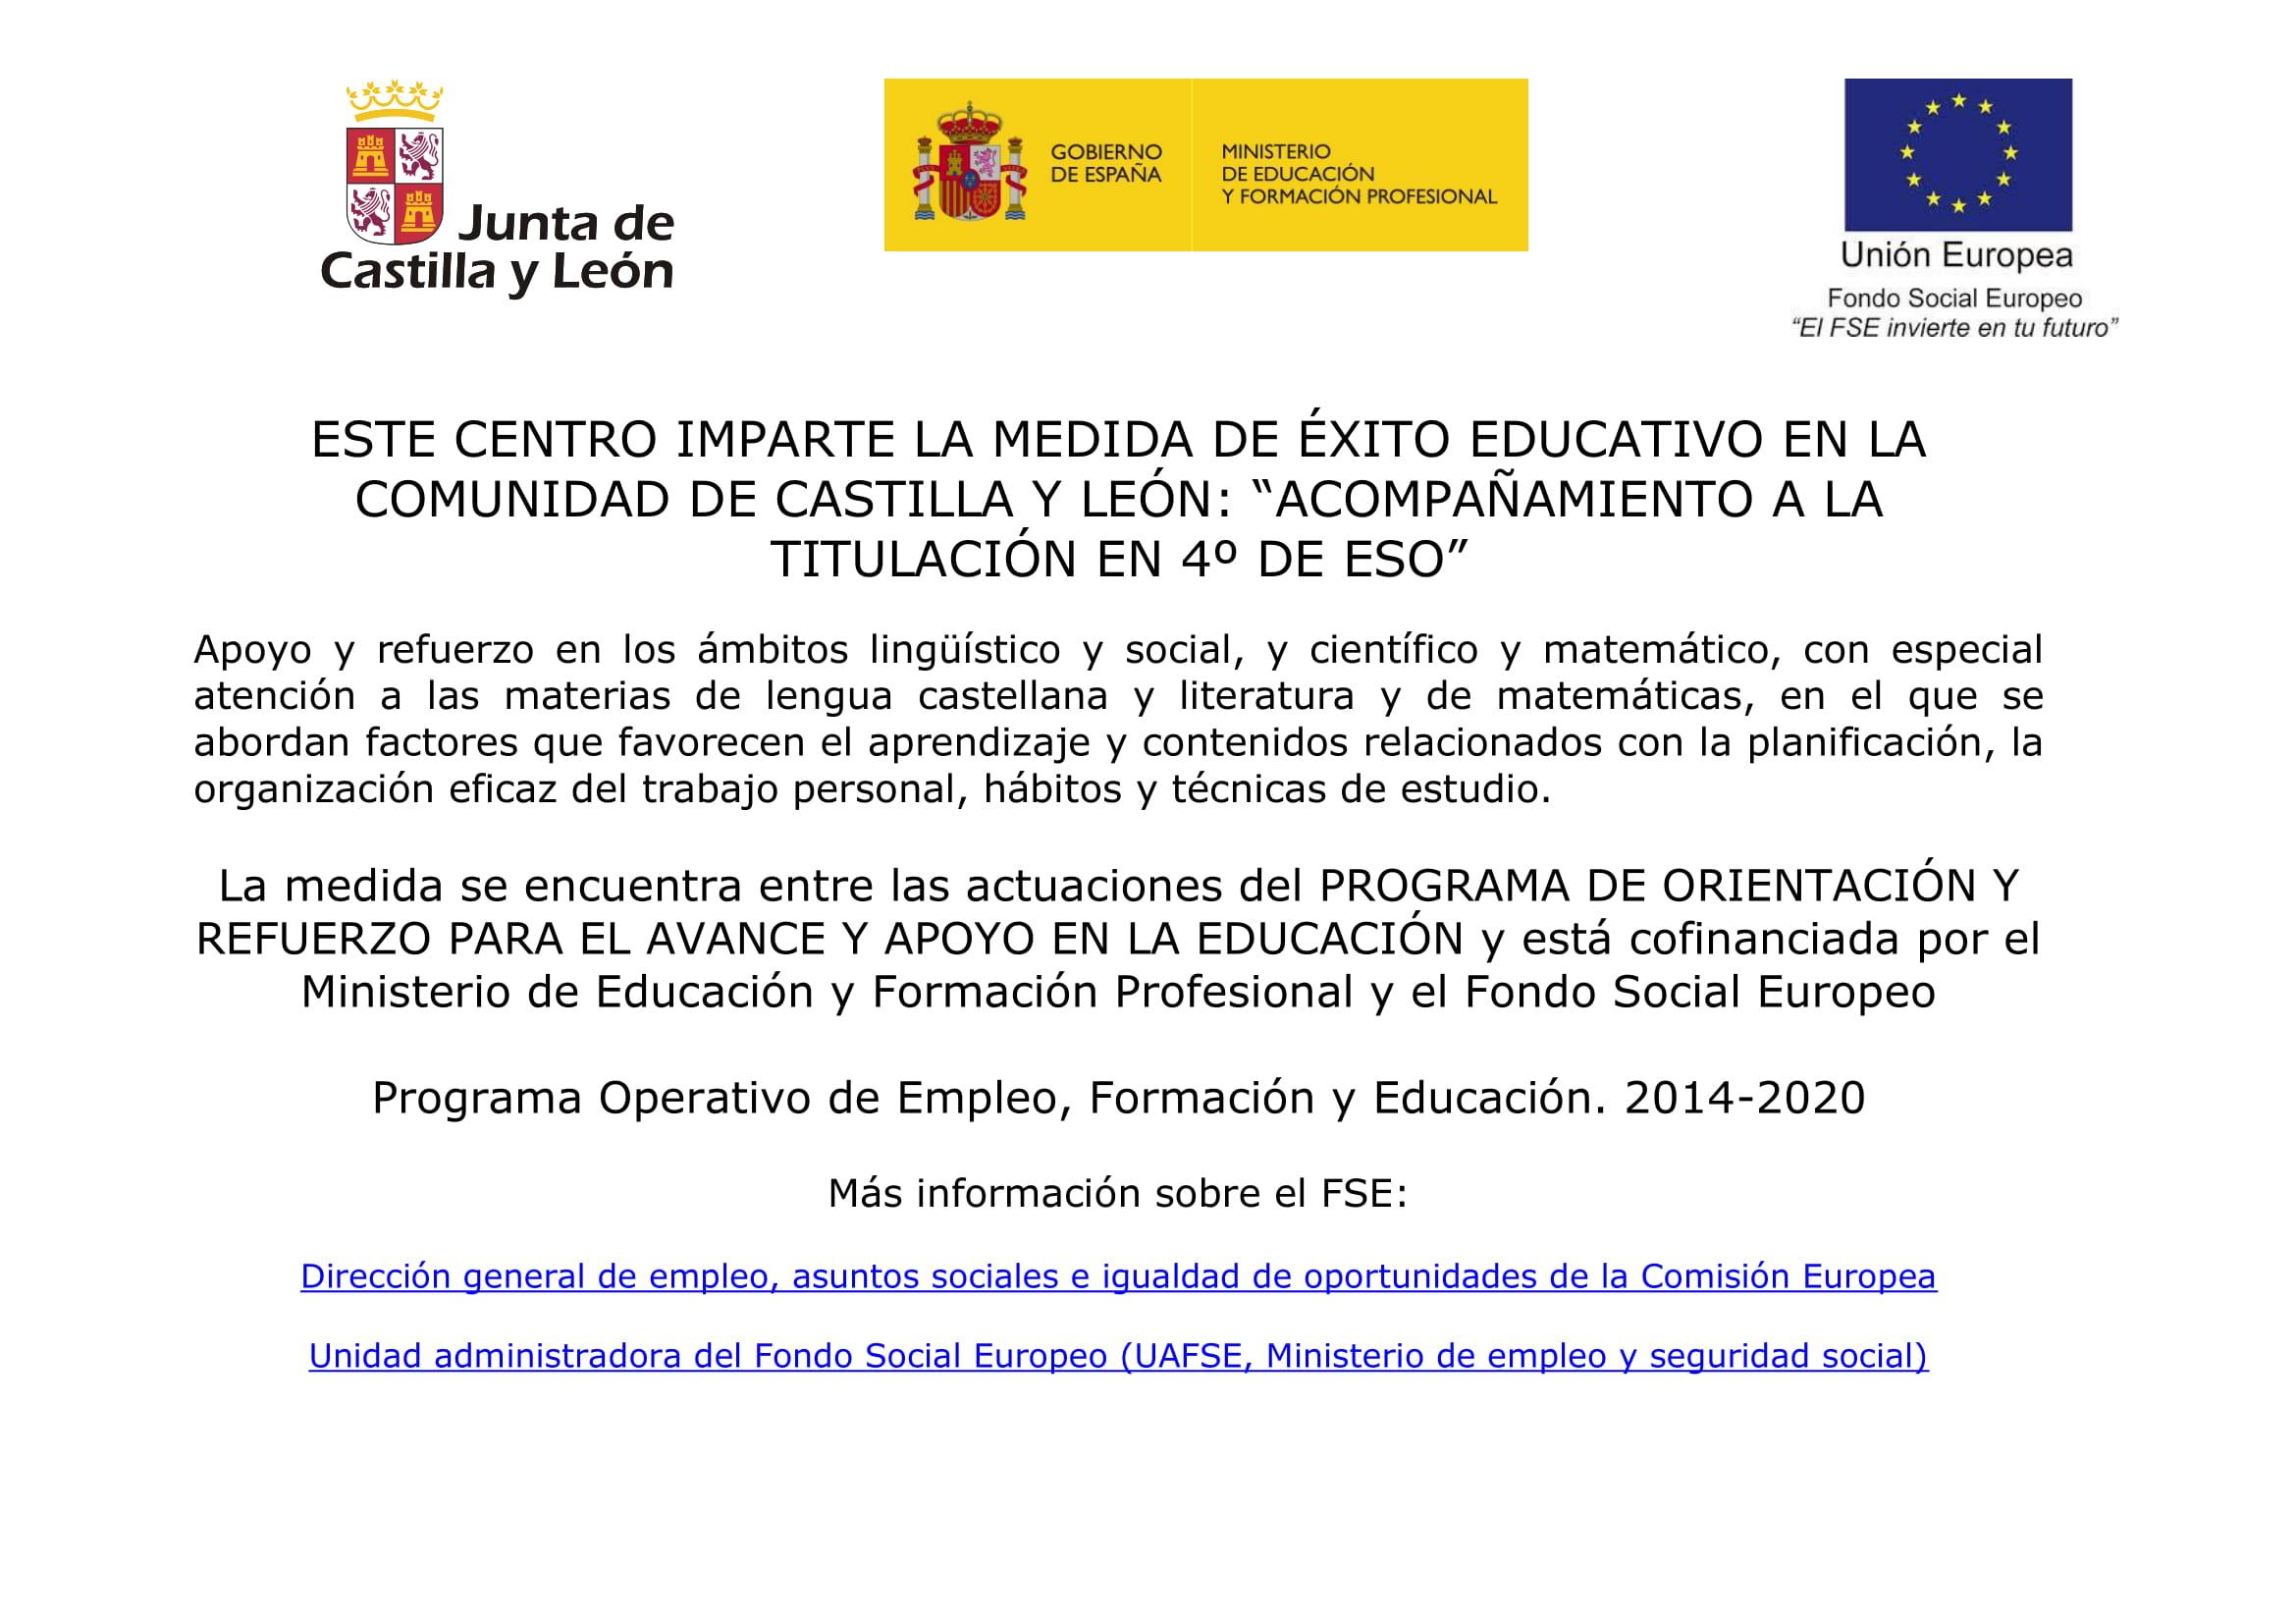 Calendario Escolar Galicia 2020 19.Ies Al Basit Examenes Septiembre